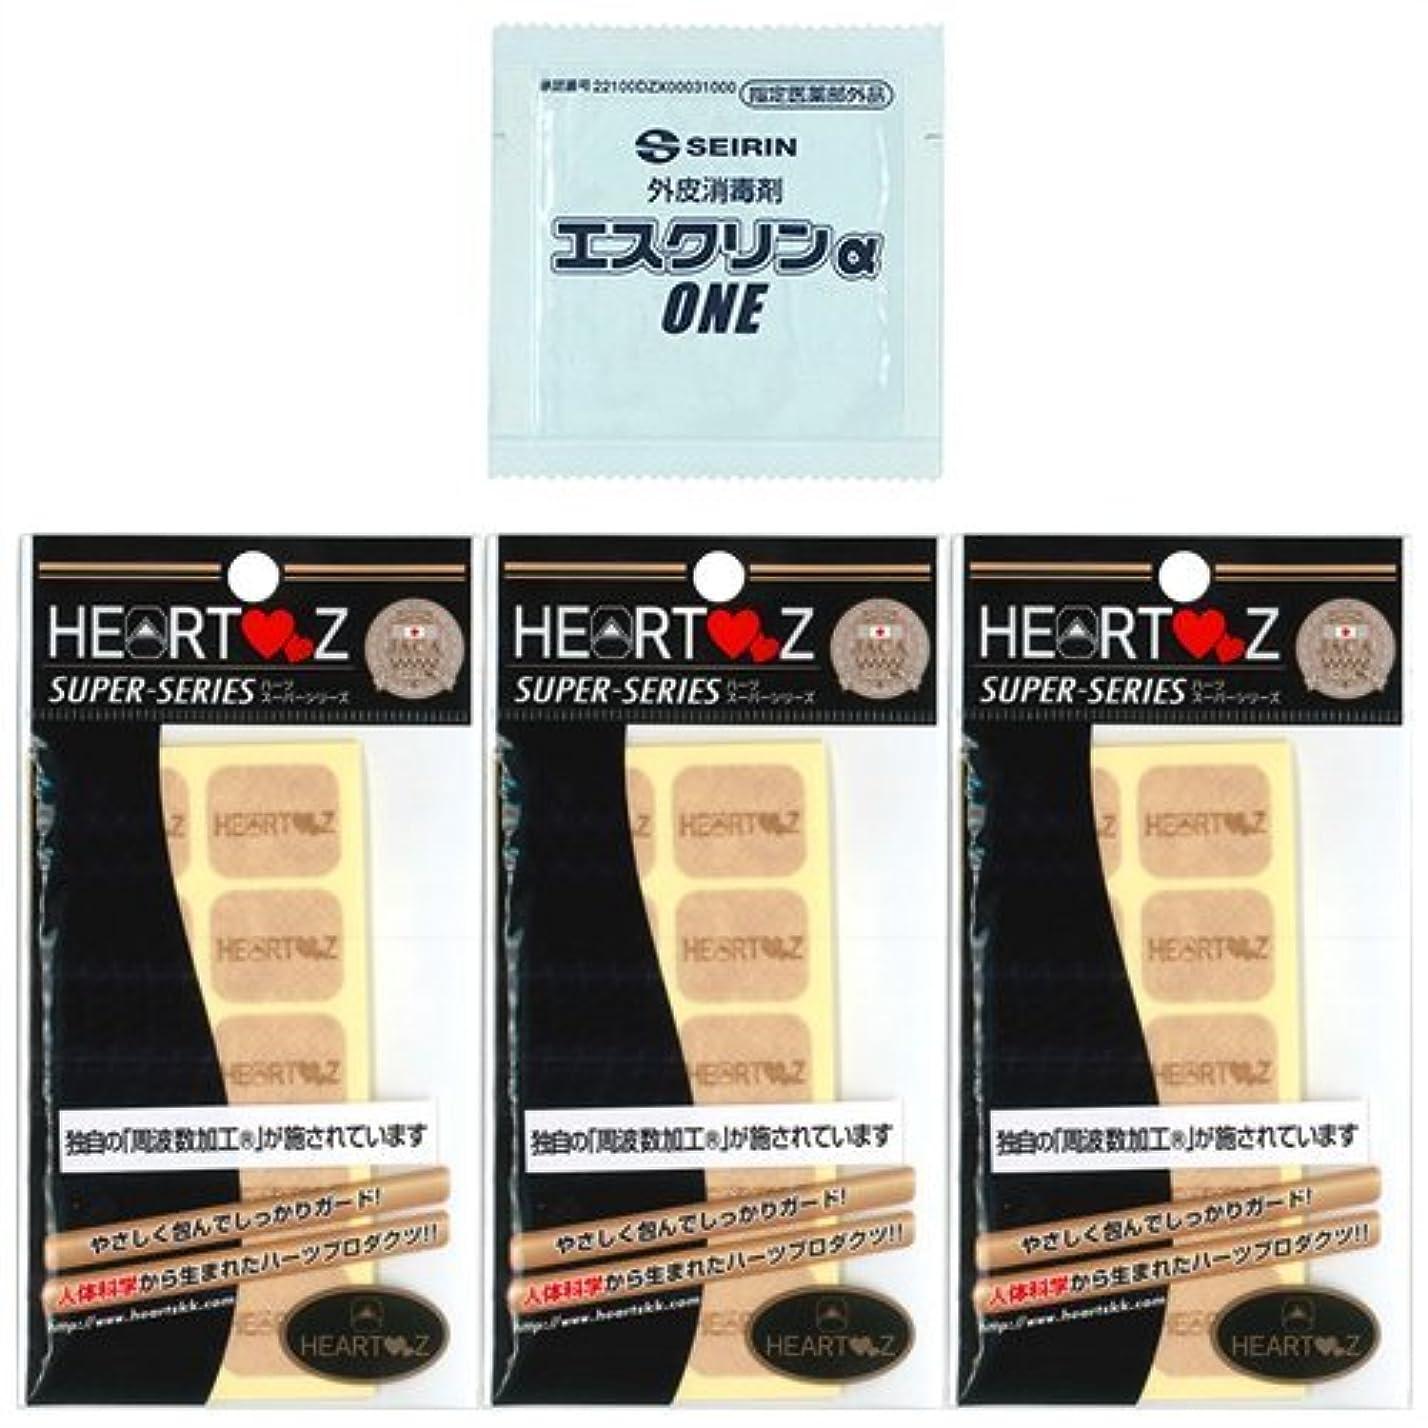 出演者セラフ一掃する【HEARTZ(ハーツ)】ハーツスーパーシール レギュラータイプ 80枚入×3個セット (計240枚) + エスクリンαONEx1個 セット